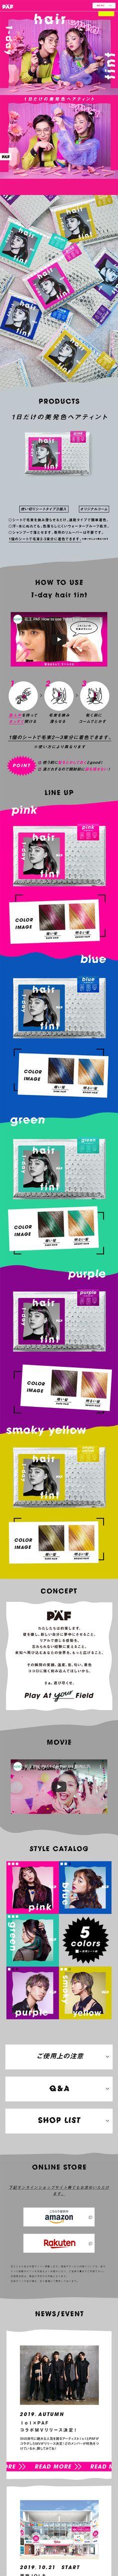 スマホランディングページ LP PAF|美容・スキンケア・香水|自社サイト Cute Designs, Web Design, Design Web, Website Designs, Site Design